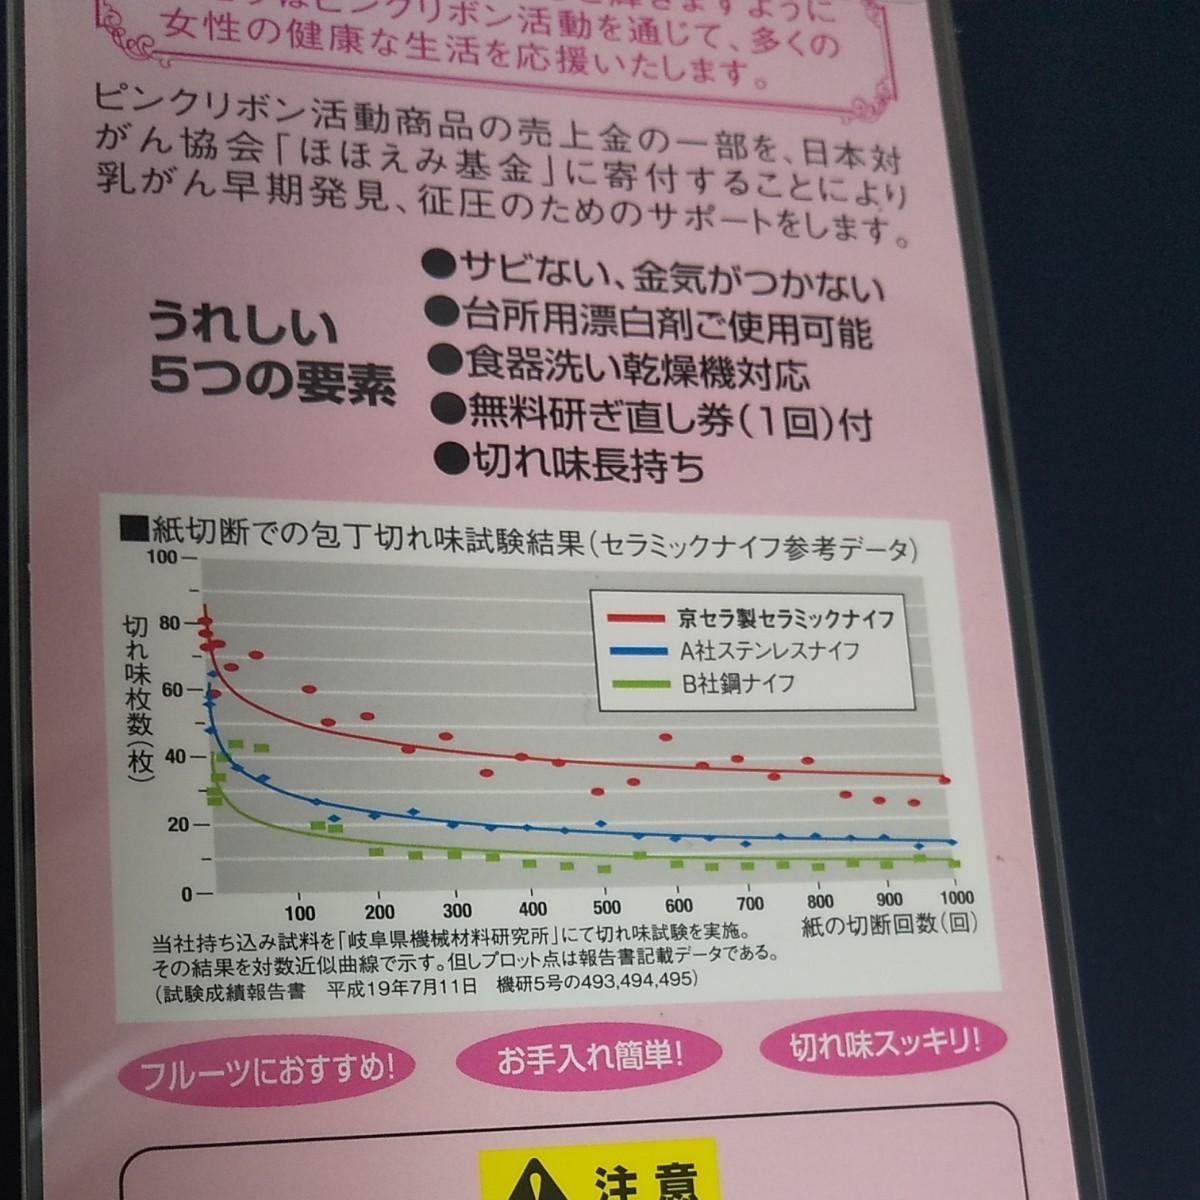 京セラ (KYOCERA) 桜シリーズ セラミツクナイフ (三徳) ピンク FKR-P140X-IPKS -